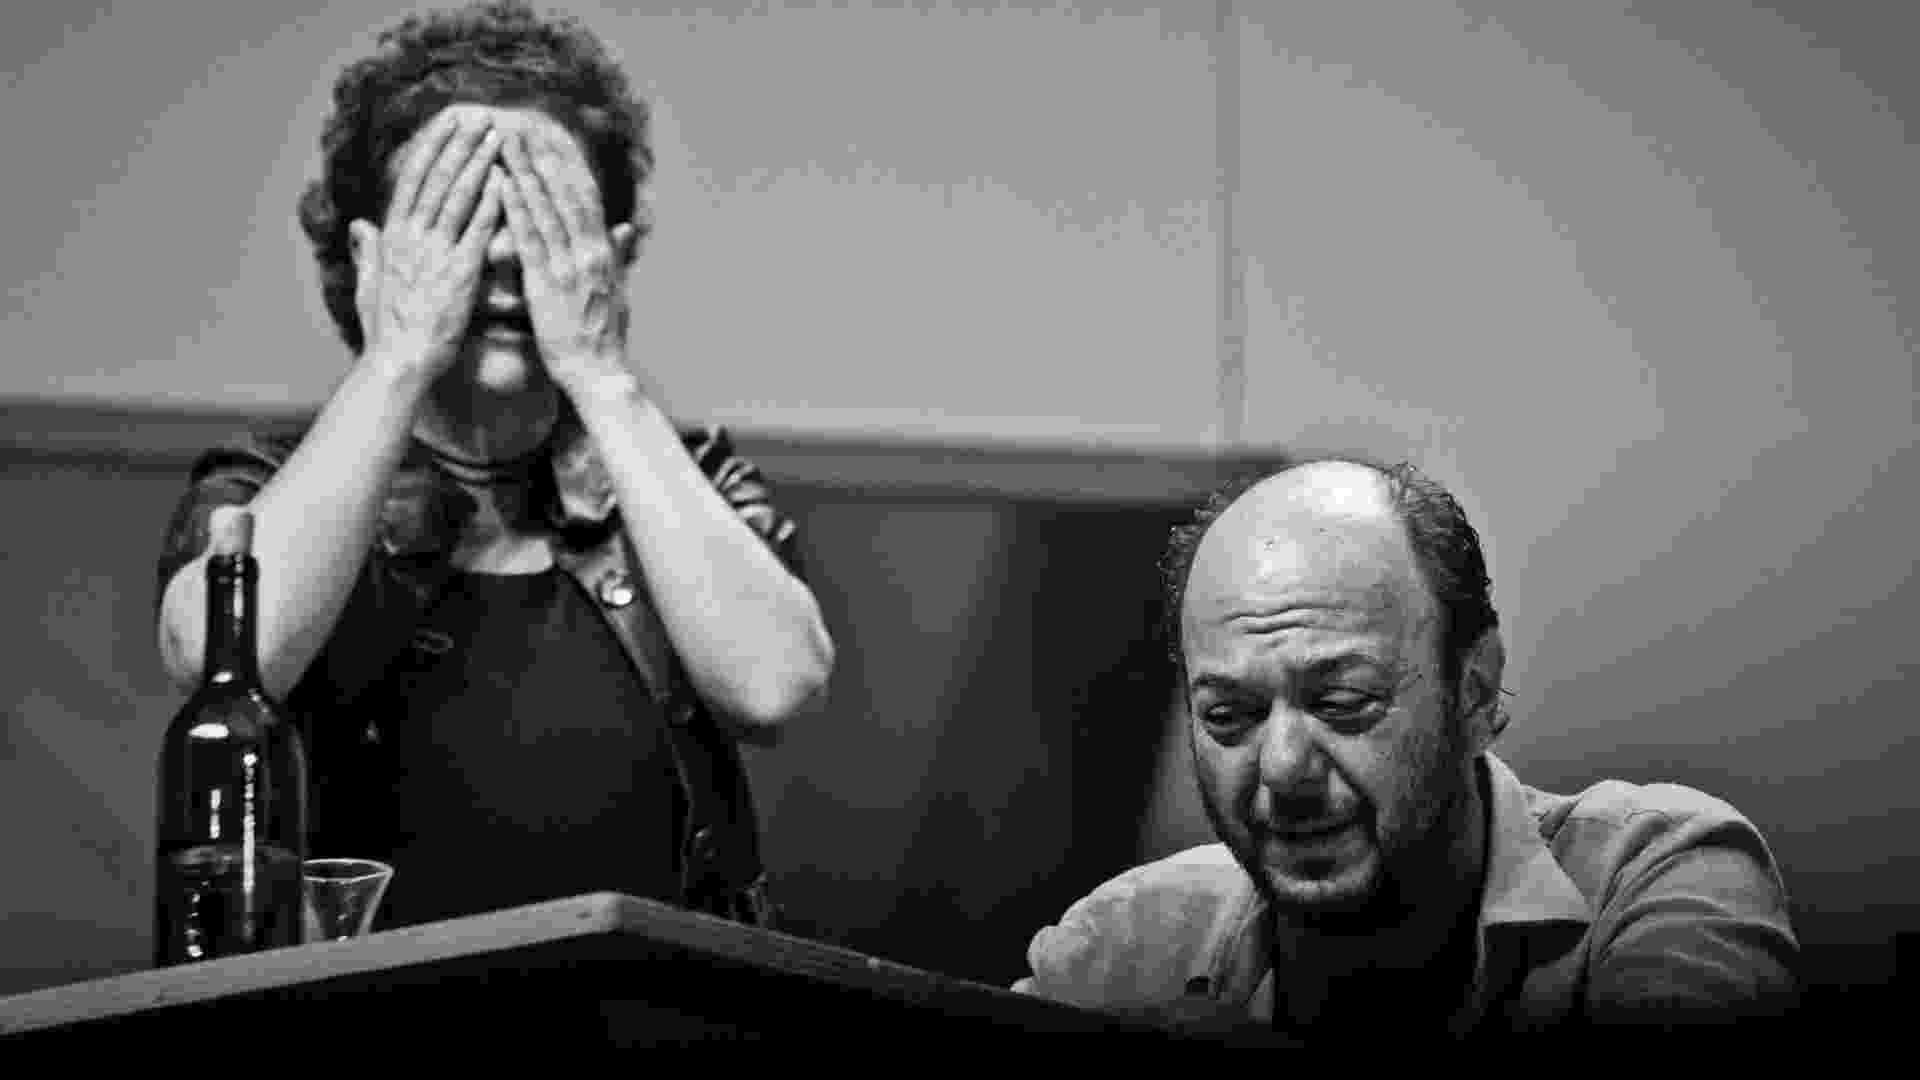 """Cena da peça """"Los Hijos se han dormido"""" da companhia Daniel Veronese da Argentina que terá apresentações no Festival Internacional de Teatro que acontece em Belo Horizonte, Minas Gerais (9/6/12) - Kika Antunes"""